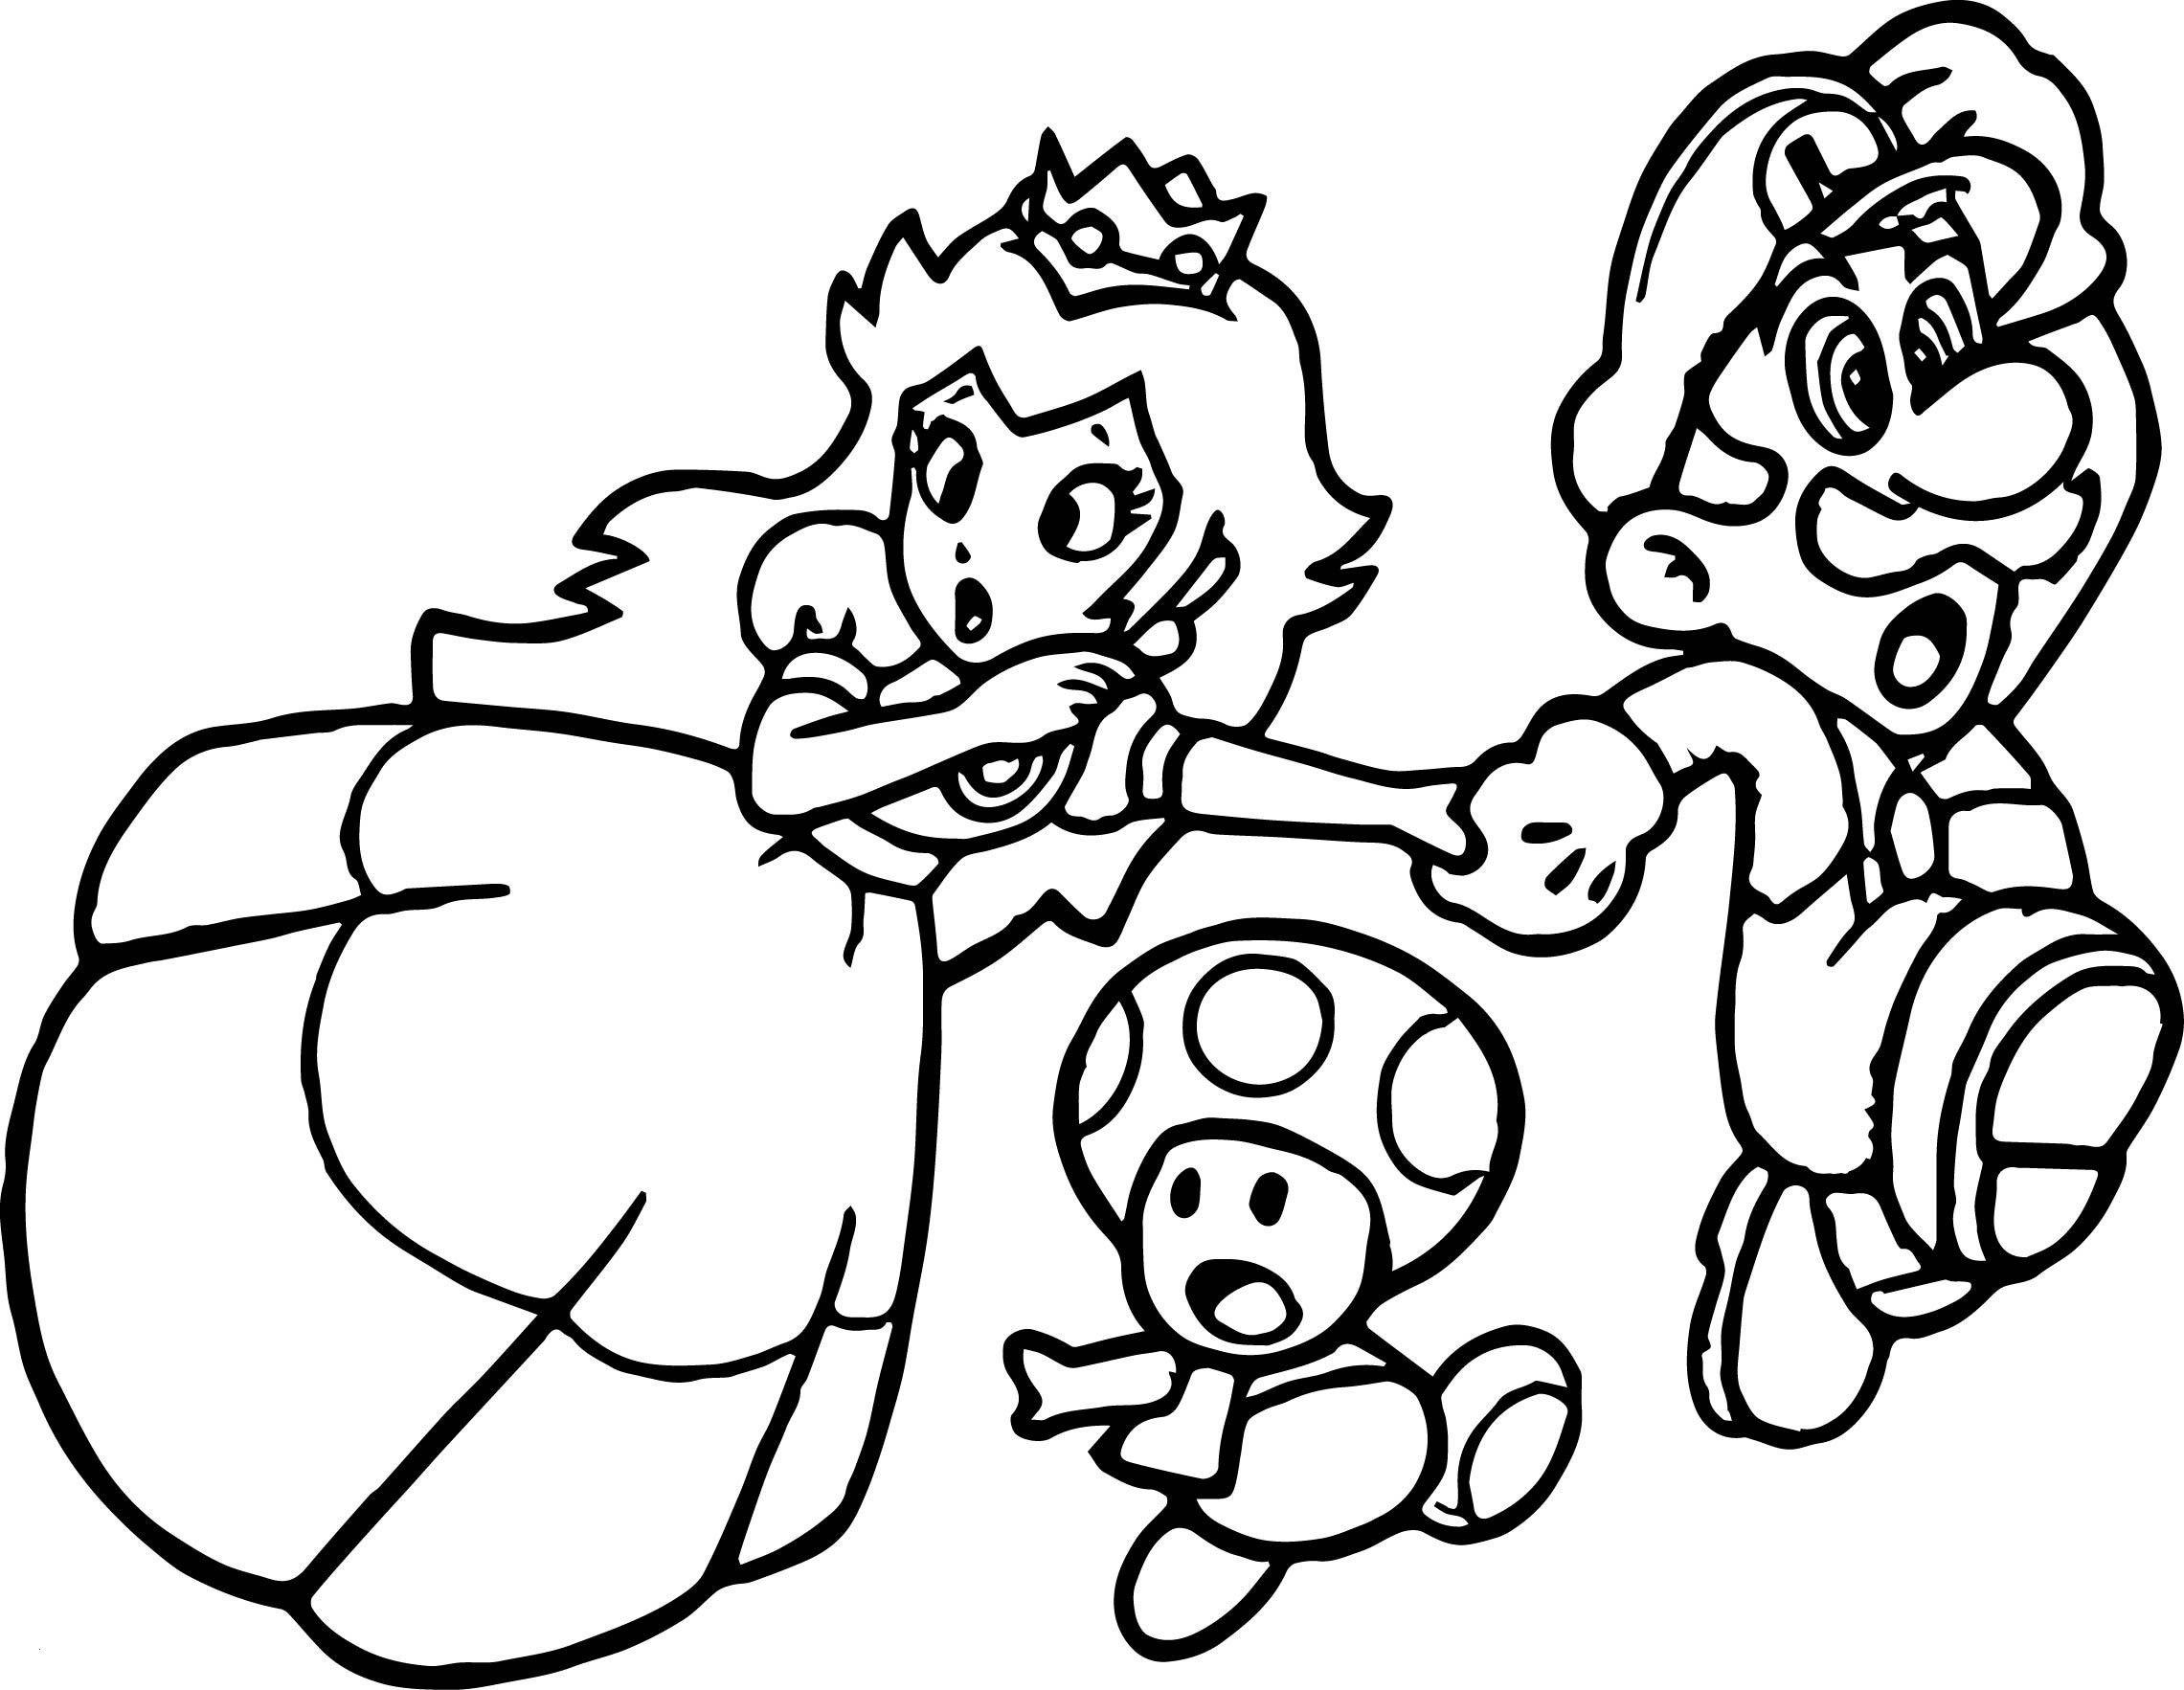 Ten Beste Super Mario Malvorlage Auffassung 26  Super mario